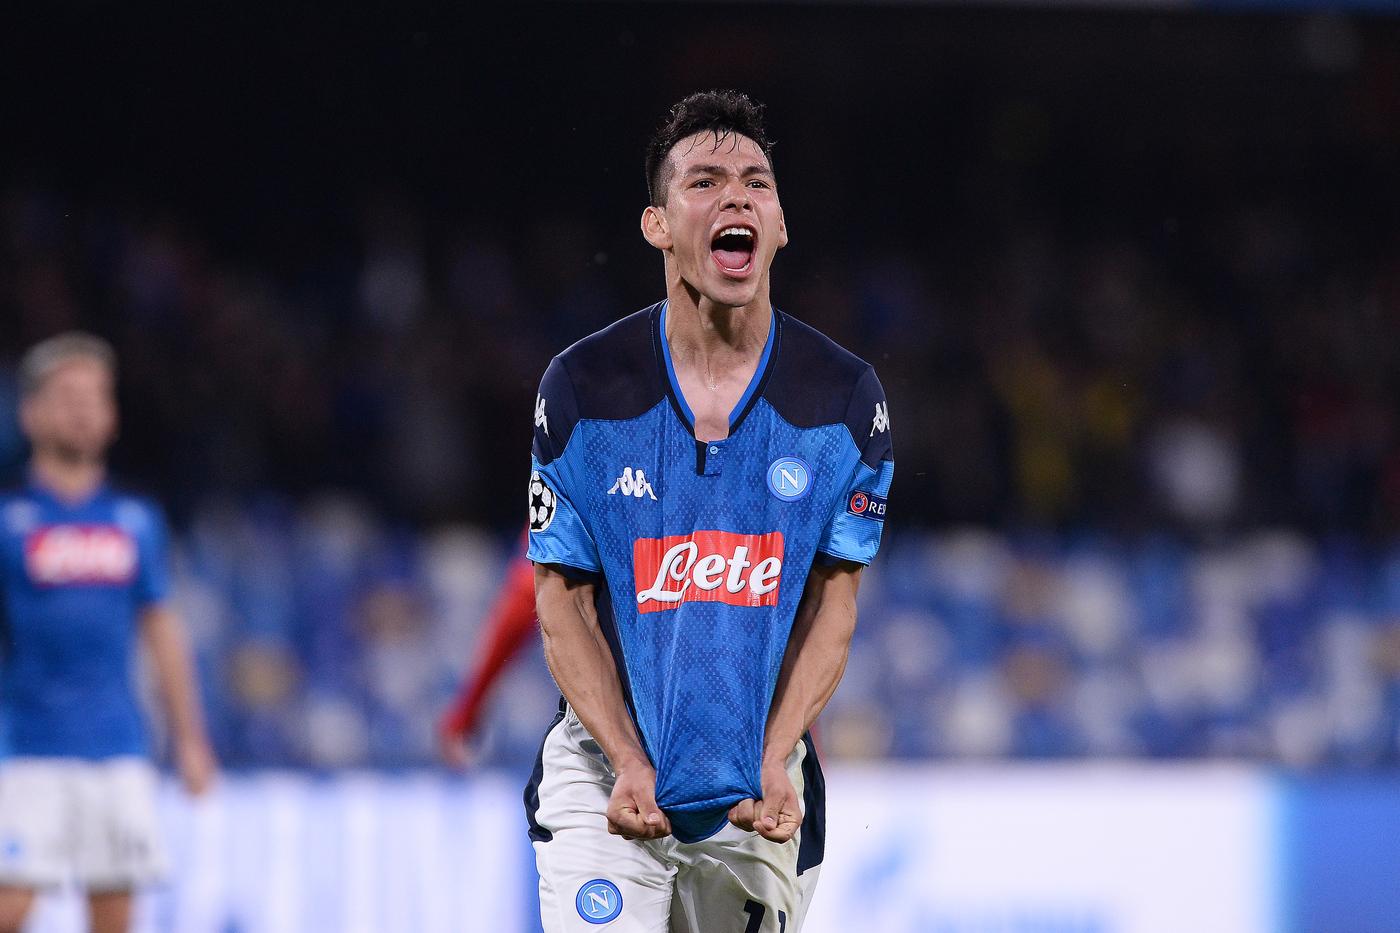 Napoli-Fiorentina-pronostico-18-gennaio-2020-analisi-e-pronostico